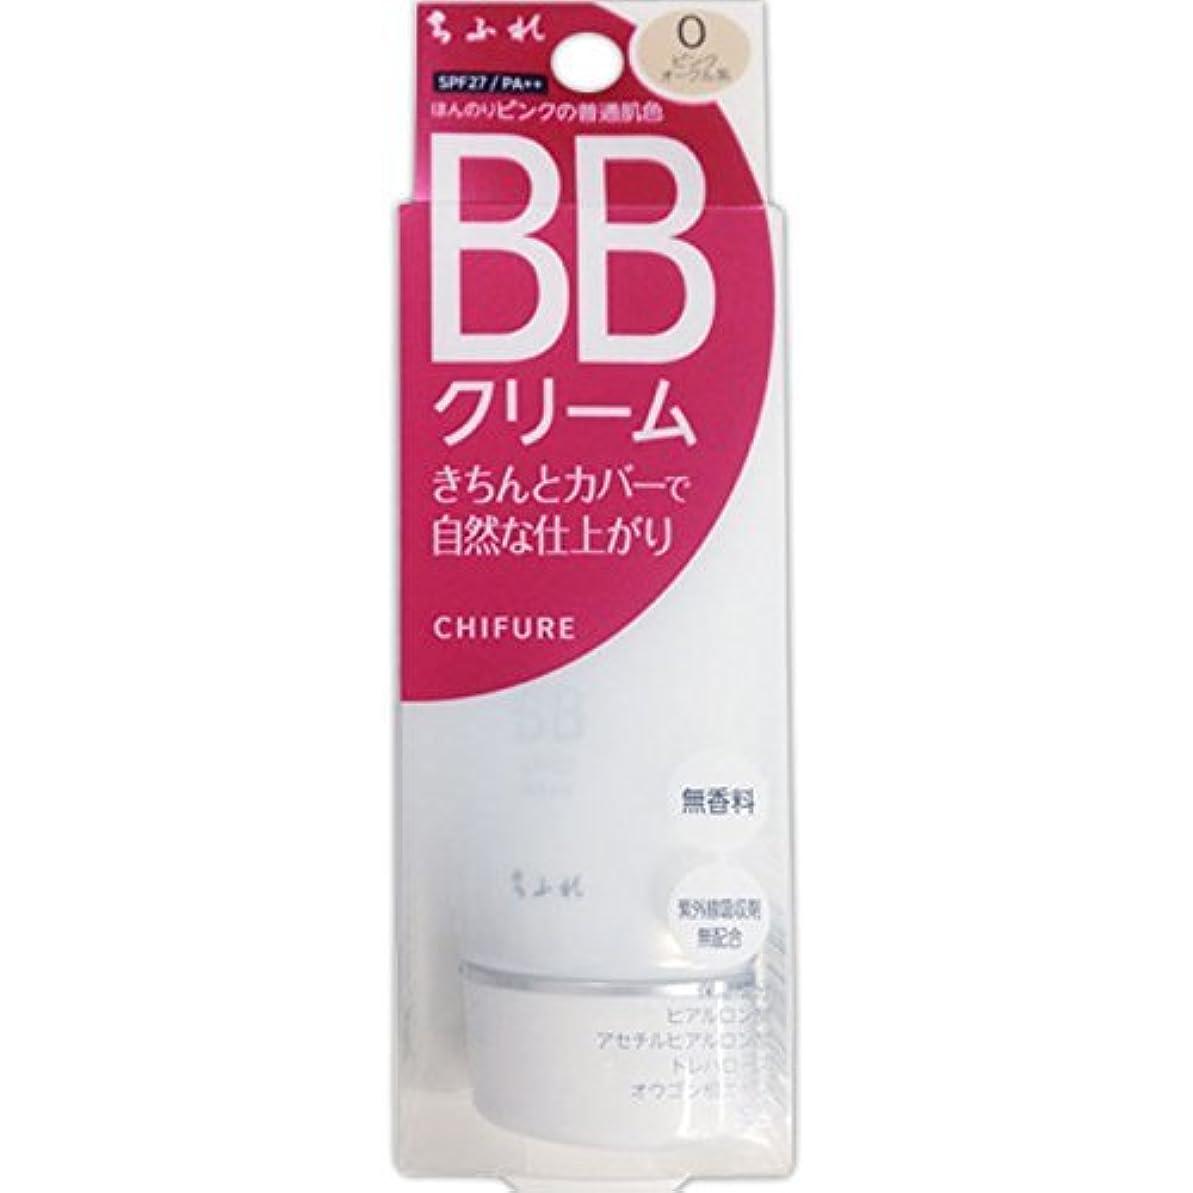 ビスケットりライドちふれ化粧品 BB クリーム ほんのりピンクの普通肌色 0